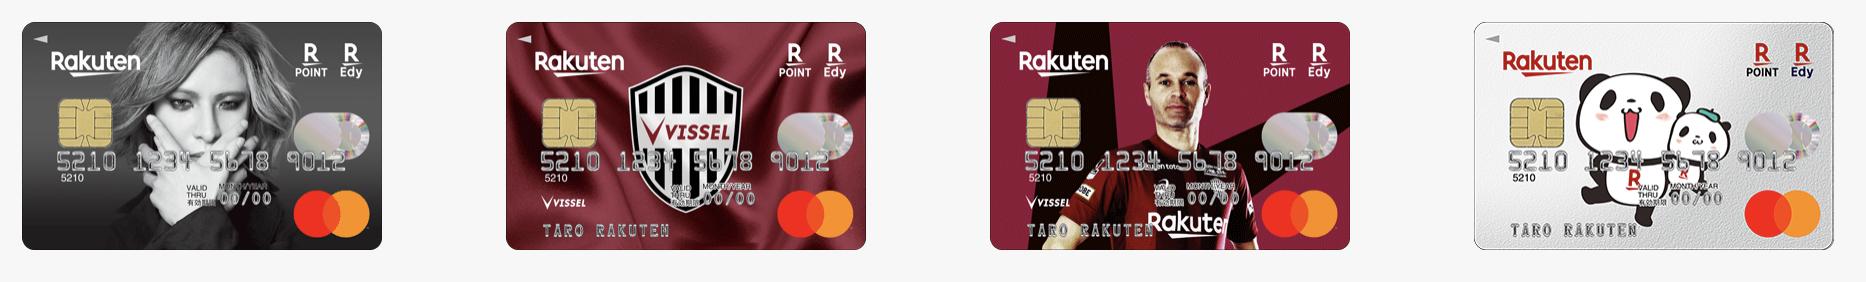 カードのデザインが豊富